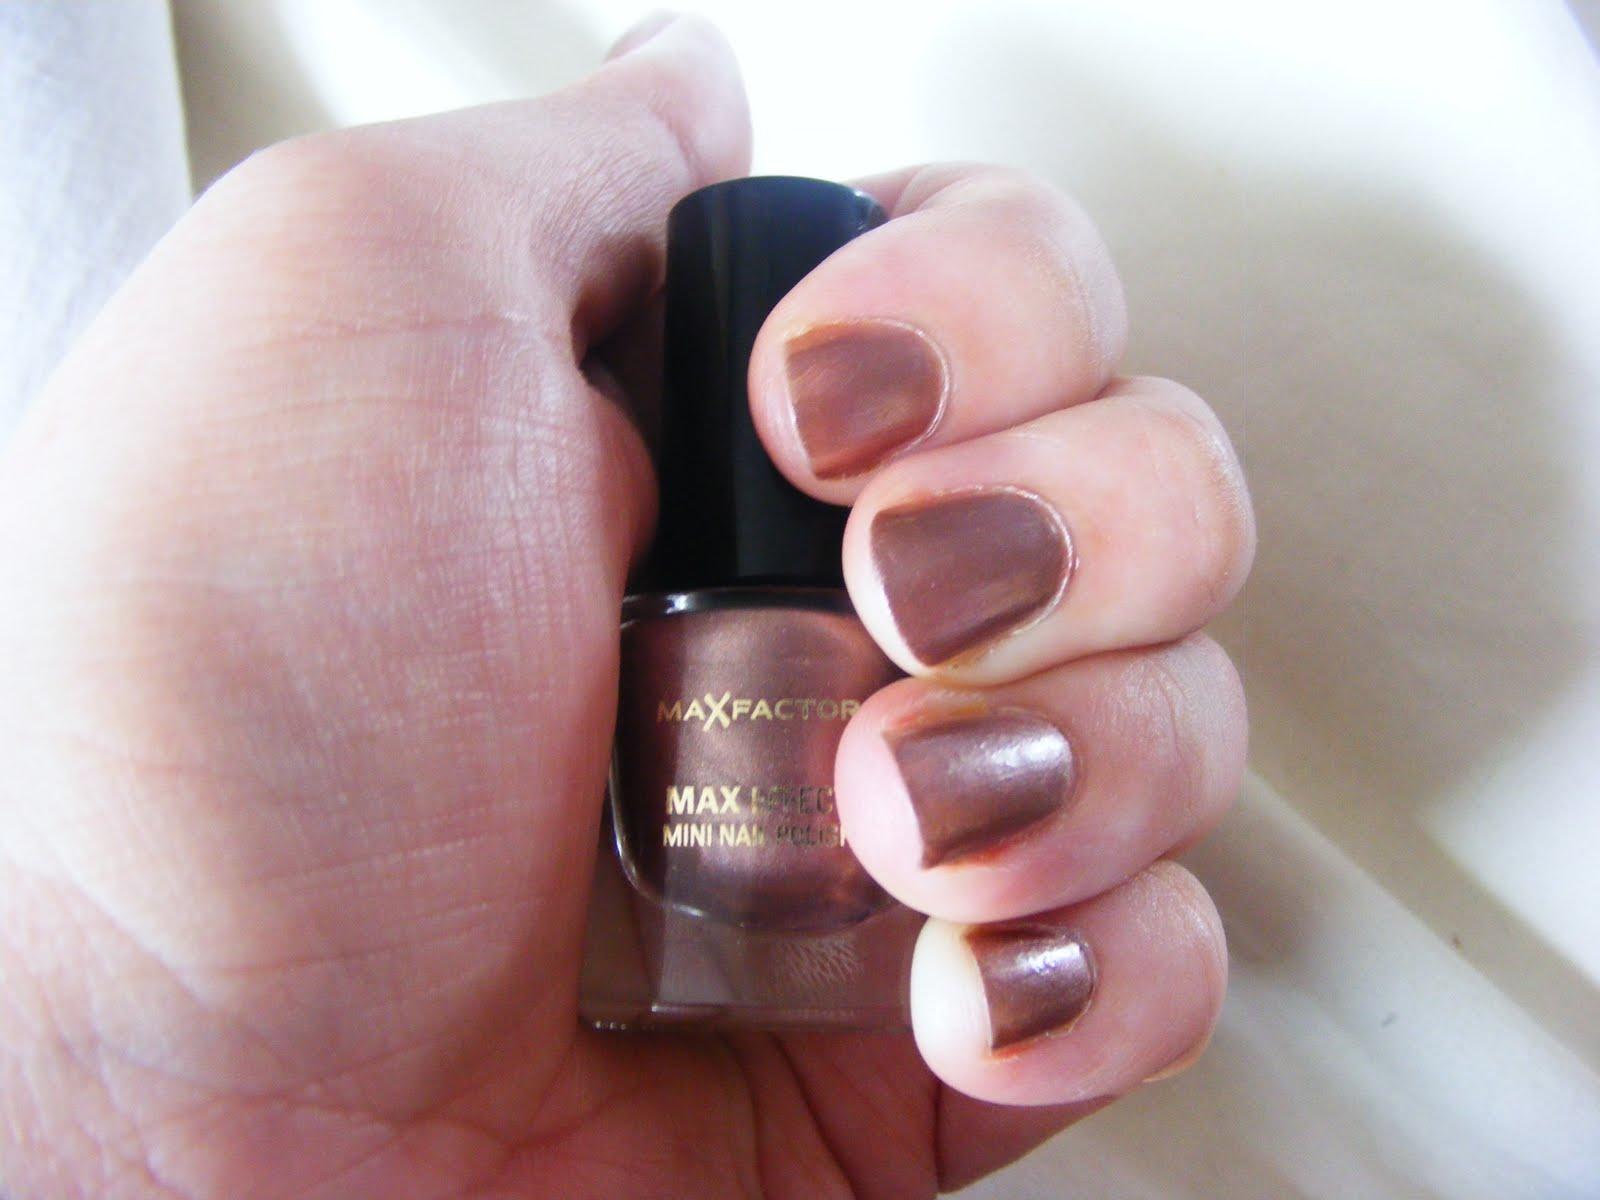 crackle nail polish,  nail polish colors,  neon nail polish,  nail polish bottle, spilled nail polish,  bright nail polish-86